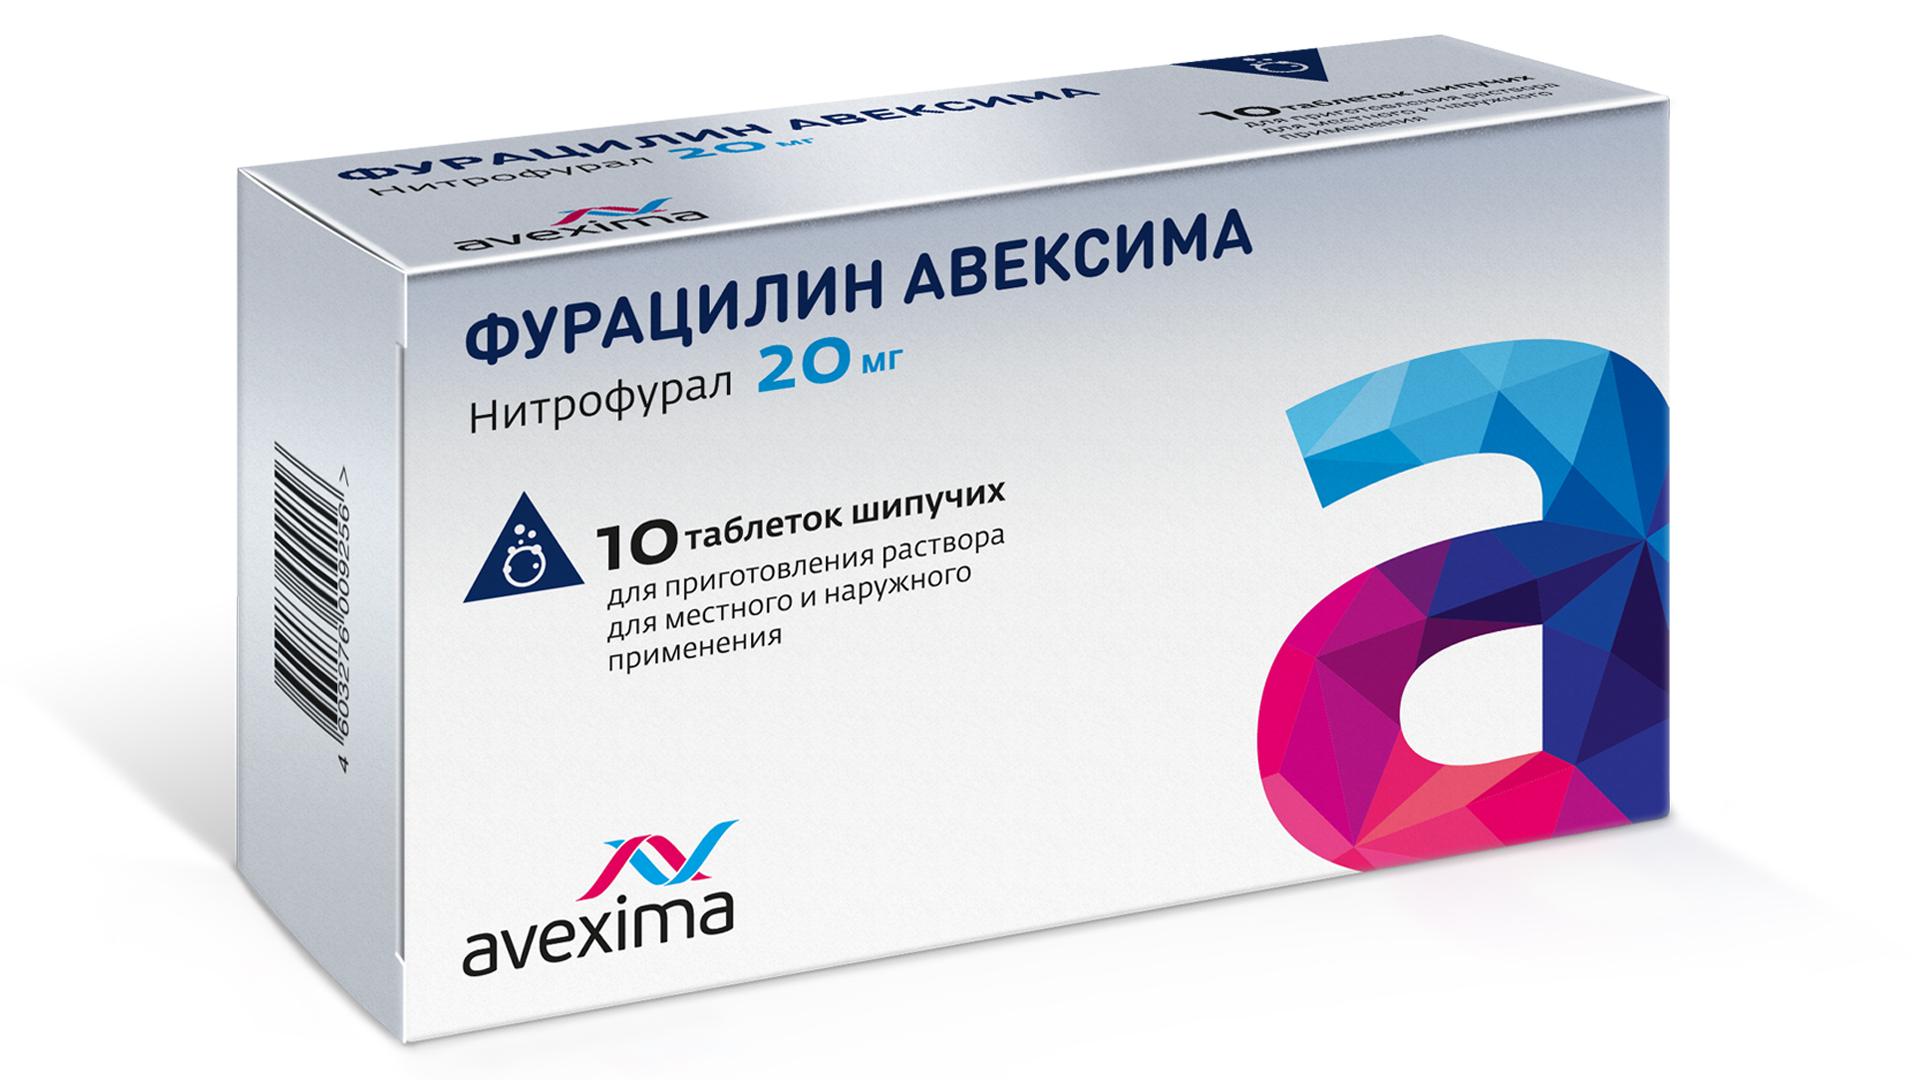 ФУРАЦИЛИН АВЕКСИМА таблетки шипучие 20 мг 10 шт.